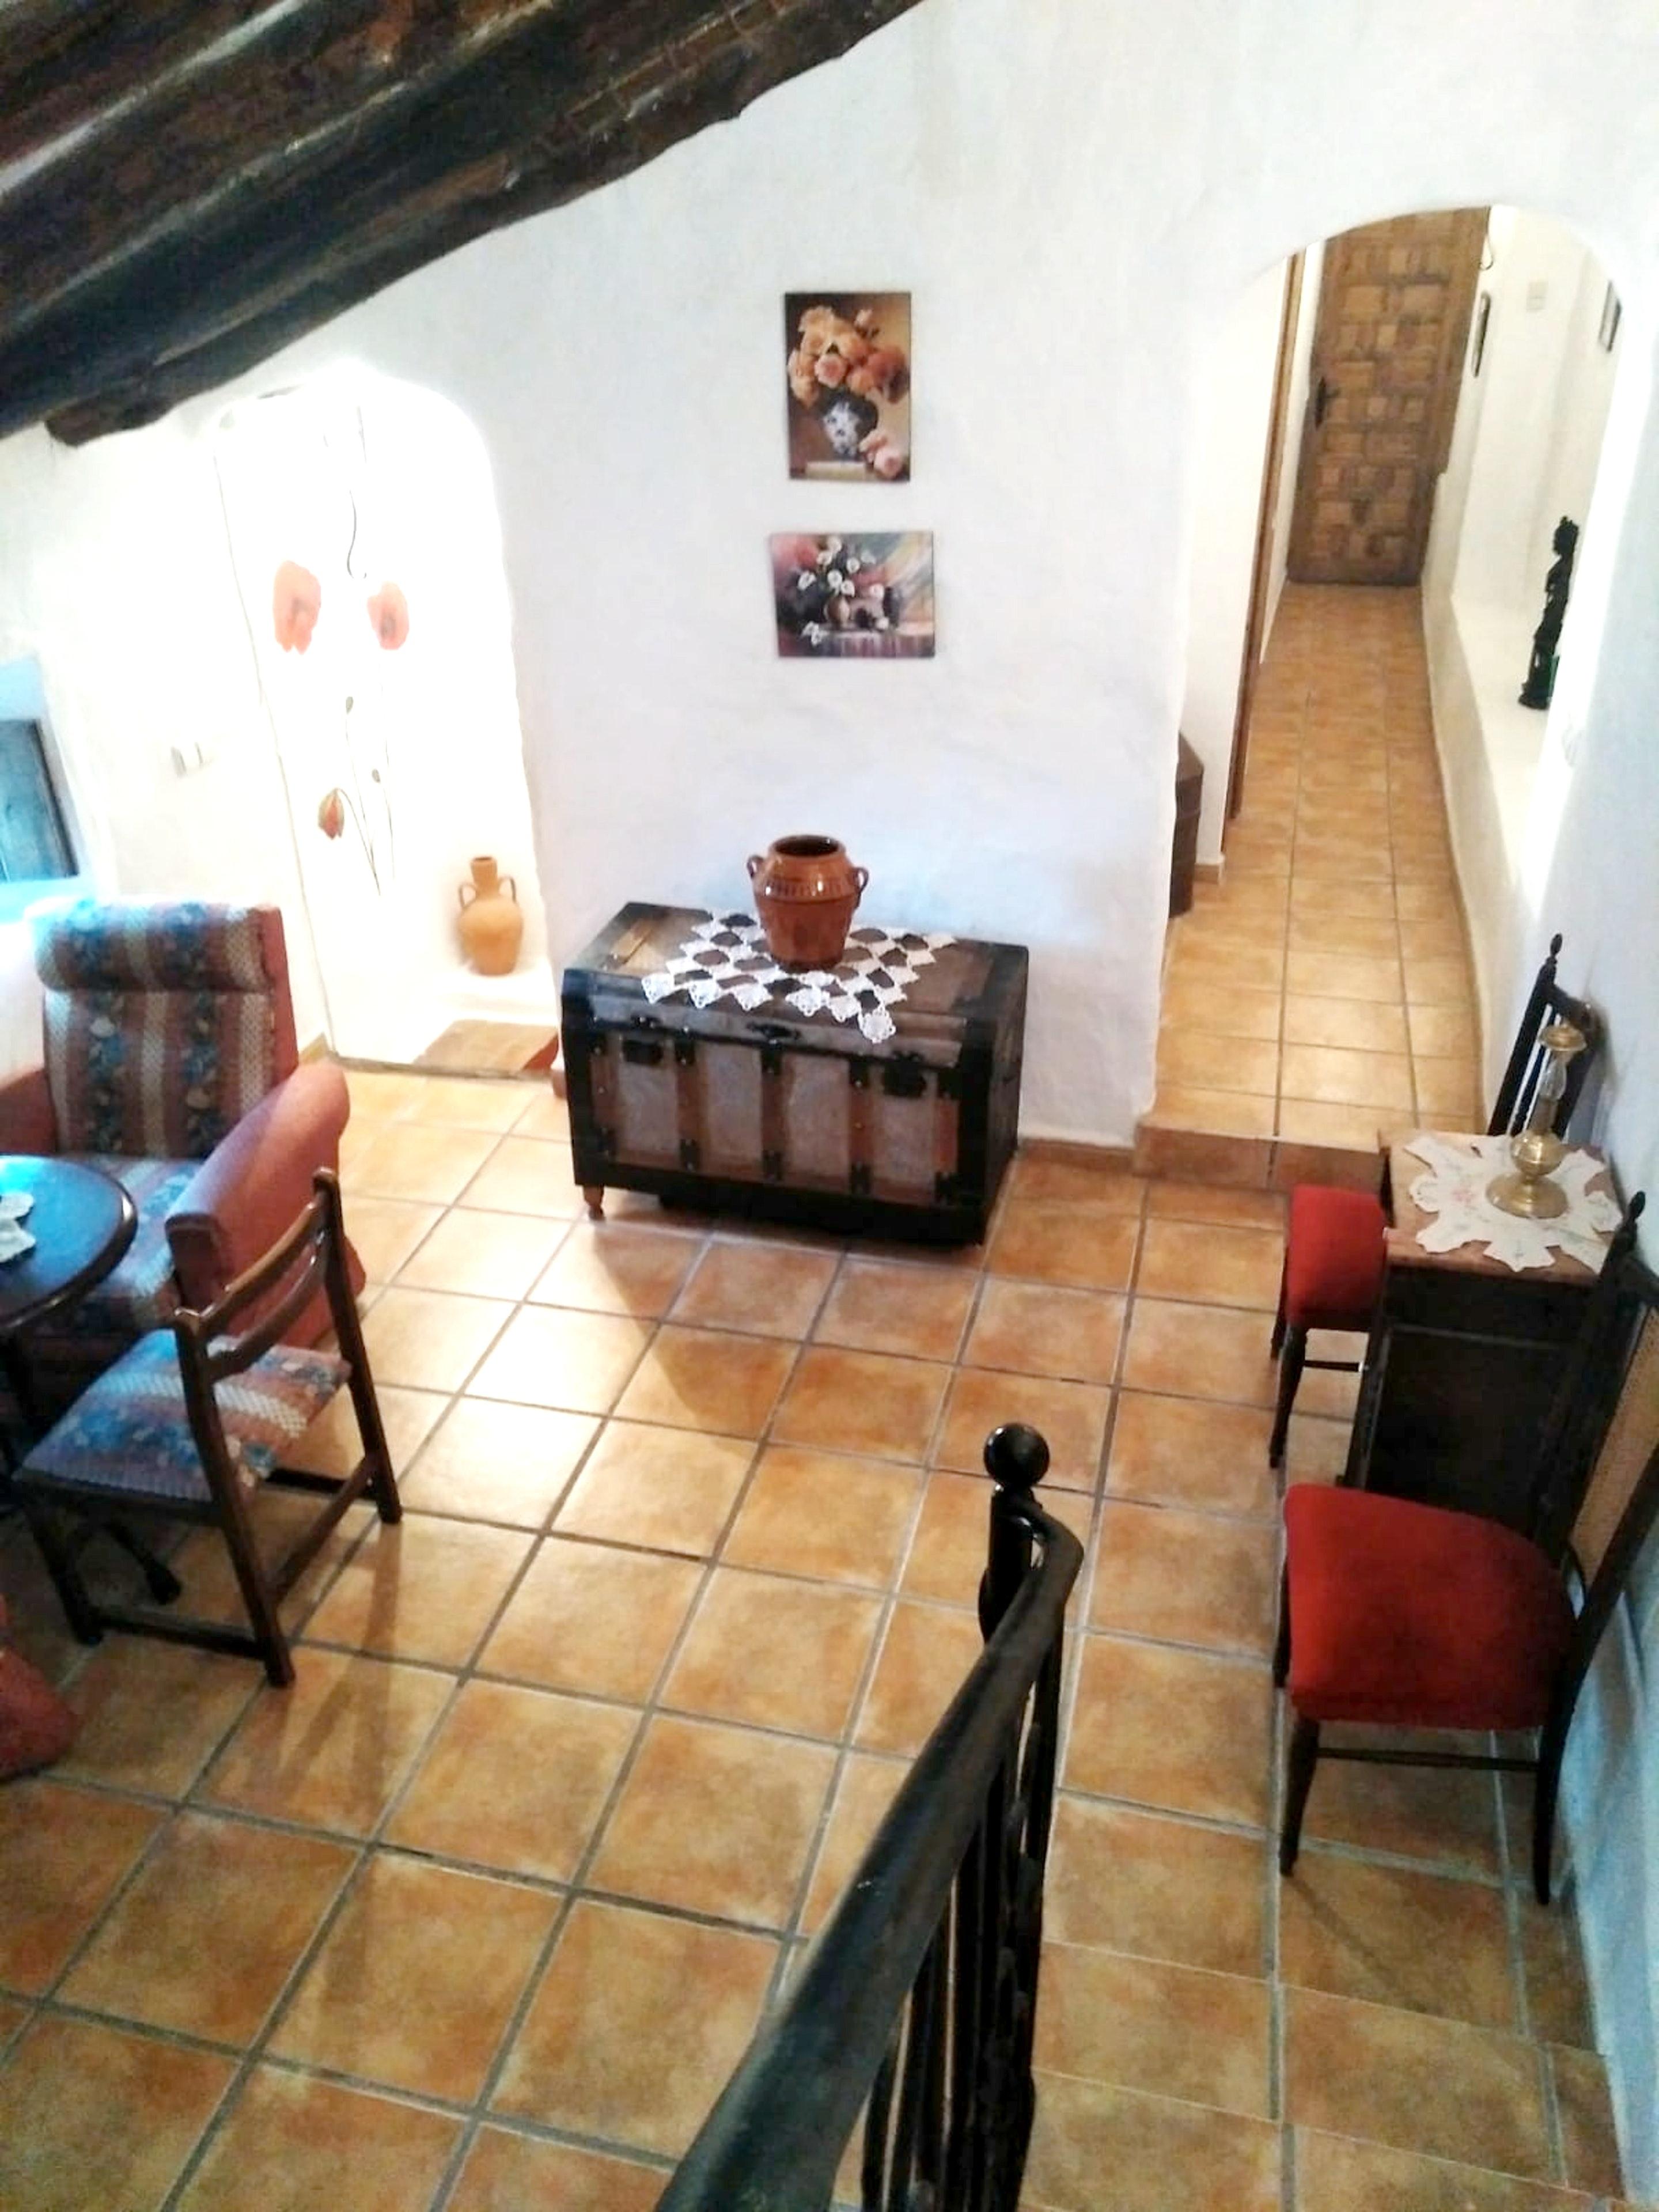 Ferienhaus Haus mit 5 Schlafzimmern in Casas del Cerro mit toller Aussicht auf die Berge und möbliert (2201517), Casas del Cerro, Albacete, Kastilien-La Mancha, Spanien, Bild 3